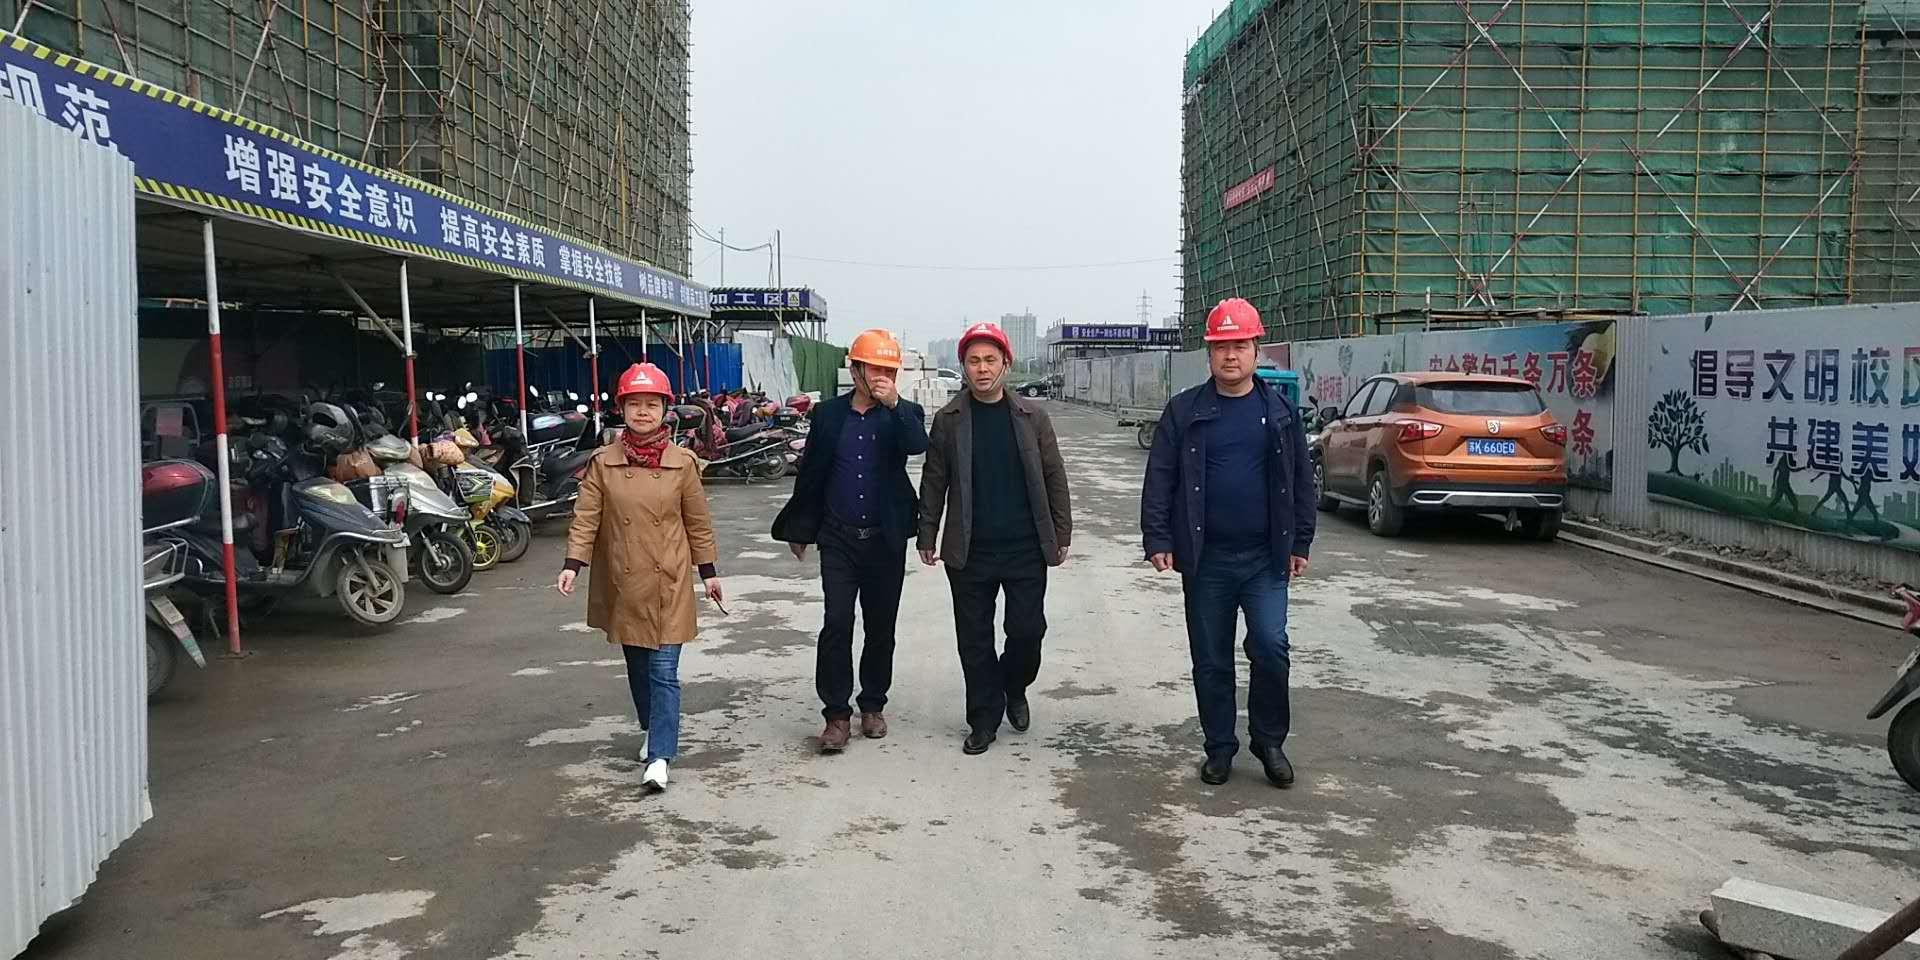 安宜镇建筑业分管领导赴在建工程检查安全生产工作。